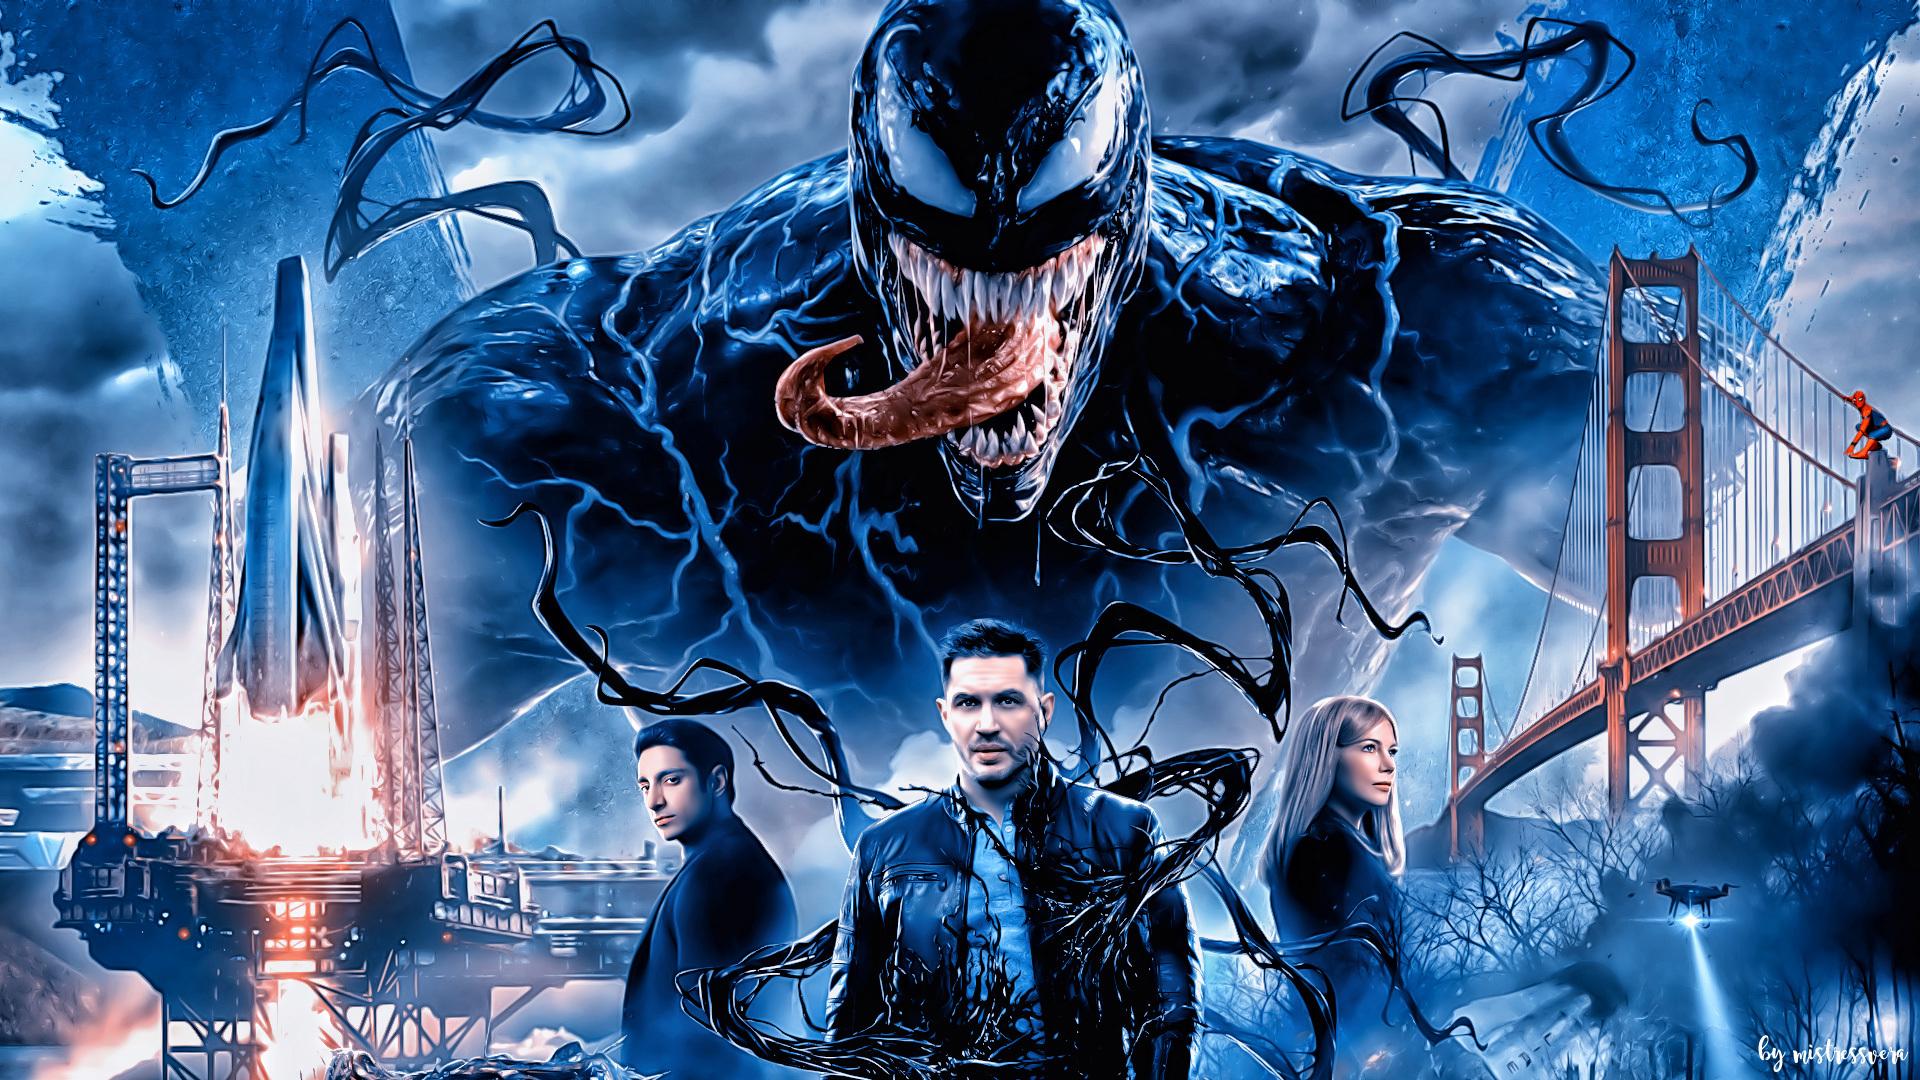 1920x1080 Venom Movie 2018 HD Laptop Full HD 1080P HD 4k ...